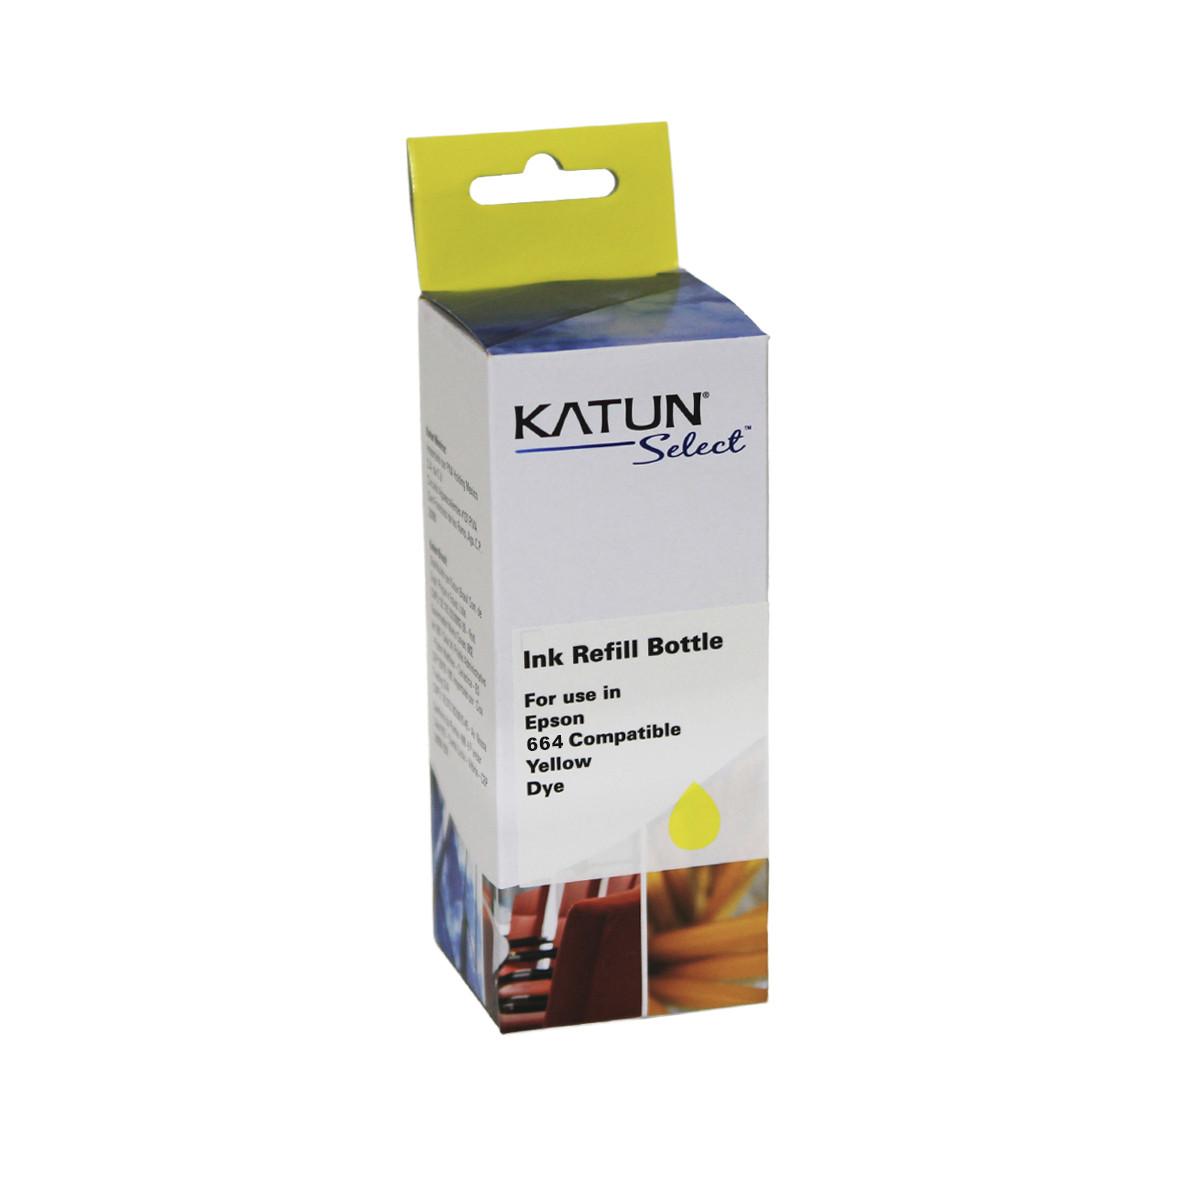 Tinta Compatível com Epson T664 T664420 Amarelo | L355 L365 L555 L455 L475 L395 | Katun Select 100ml